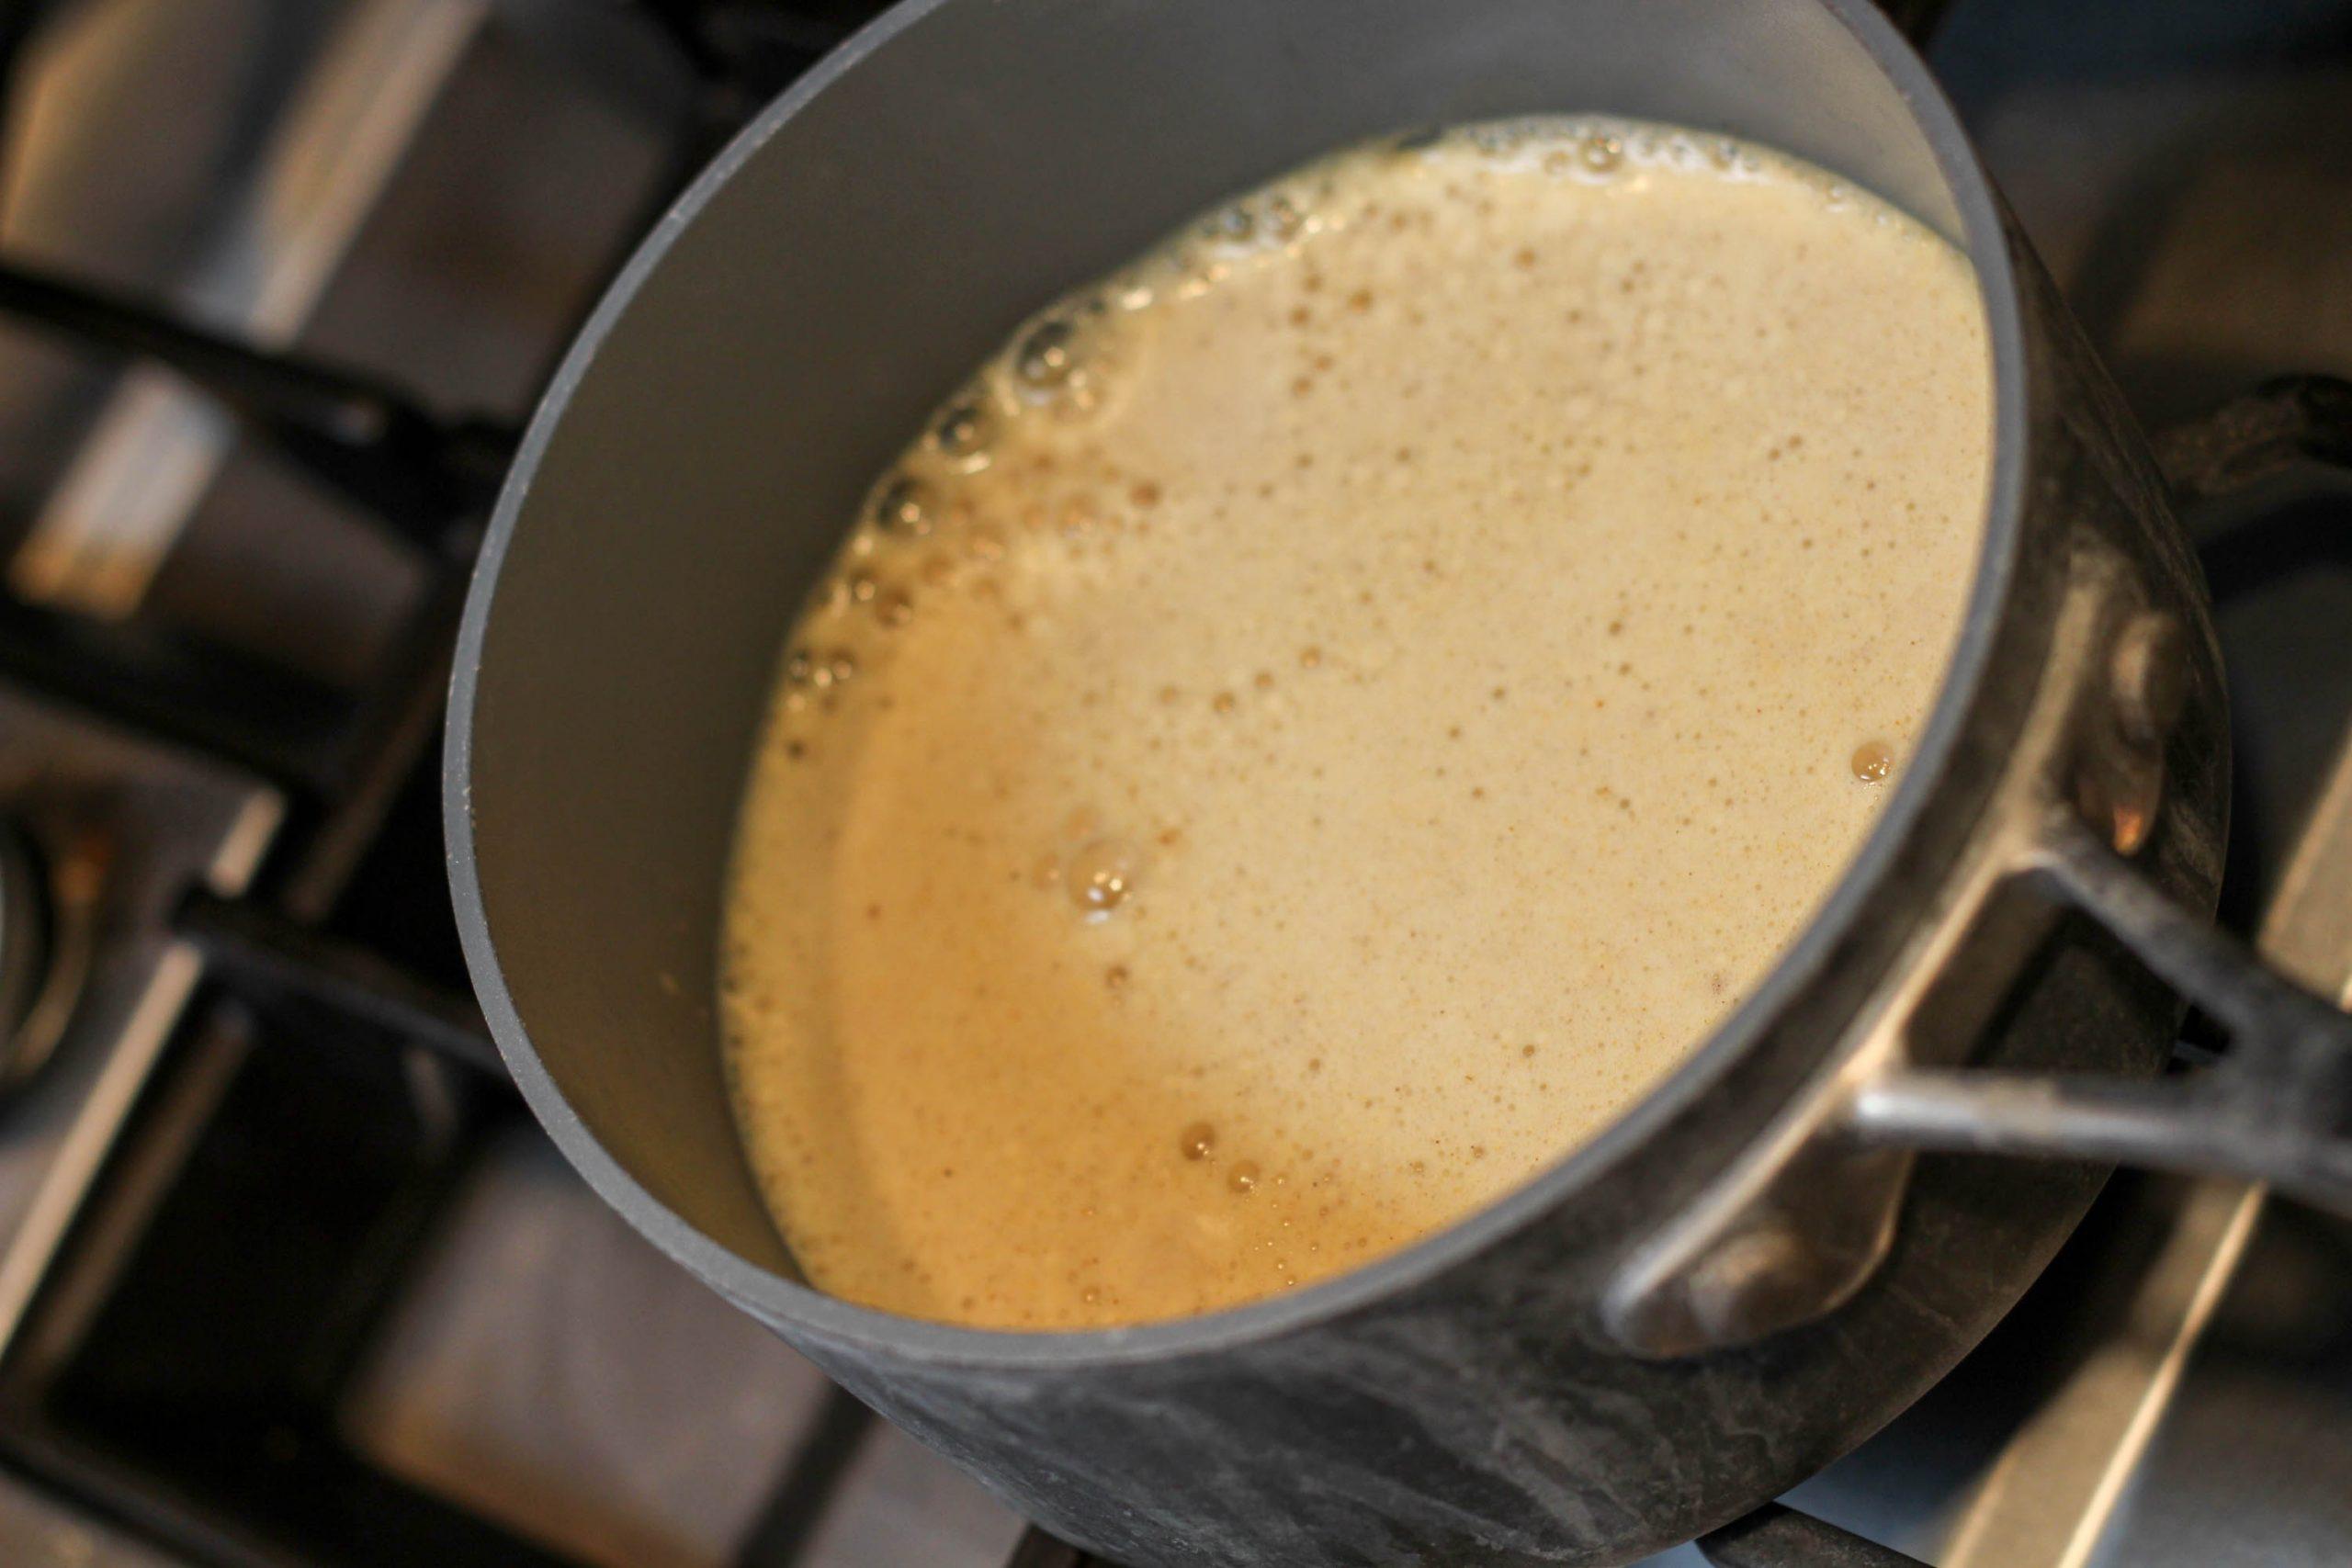 turmeric tea in the making